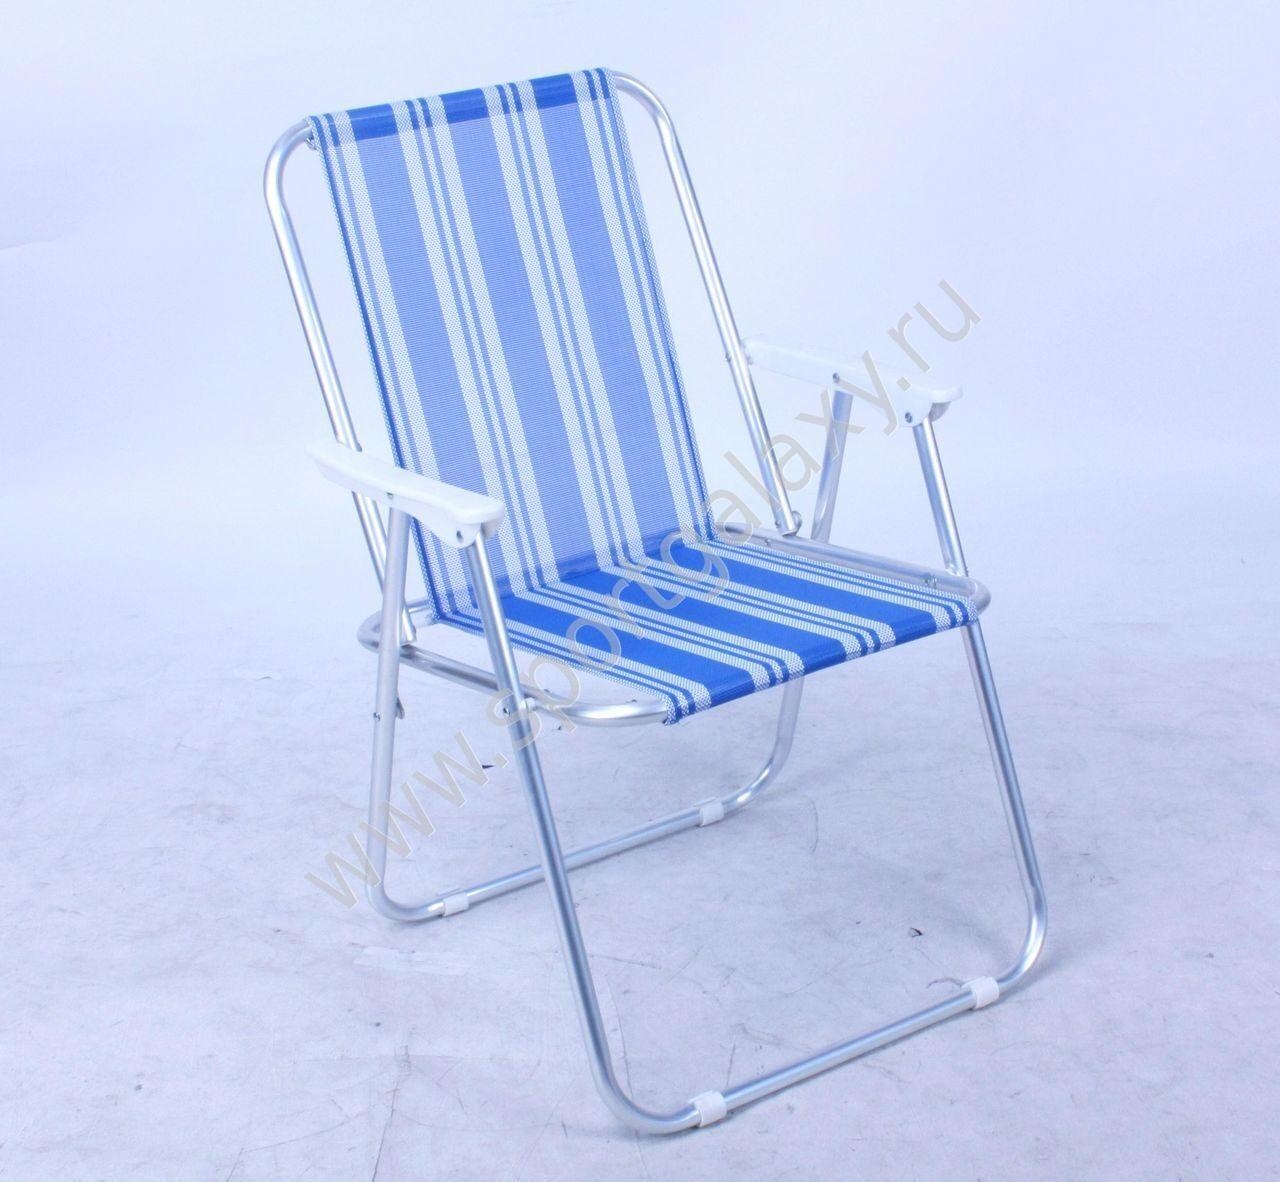 Походный стул раскладной своими руками